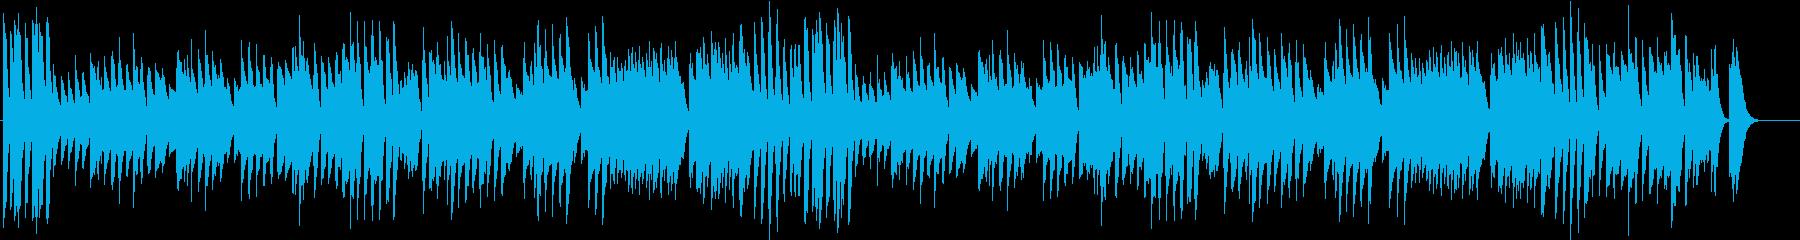 楽しい冬を描いたワルツ調のピアノBGMの再生済みの波形